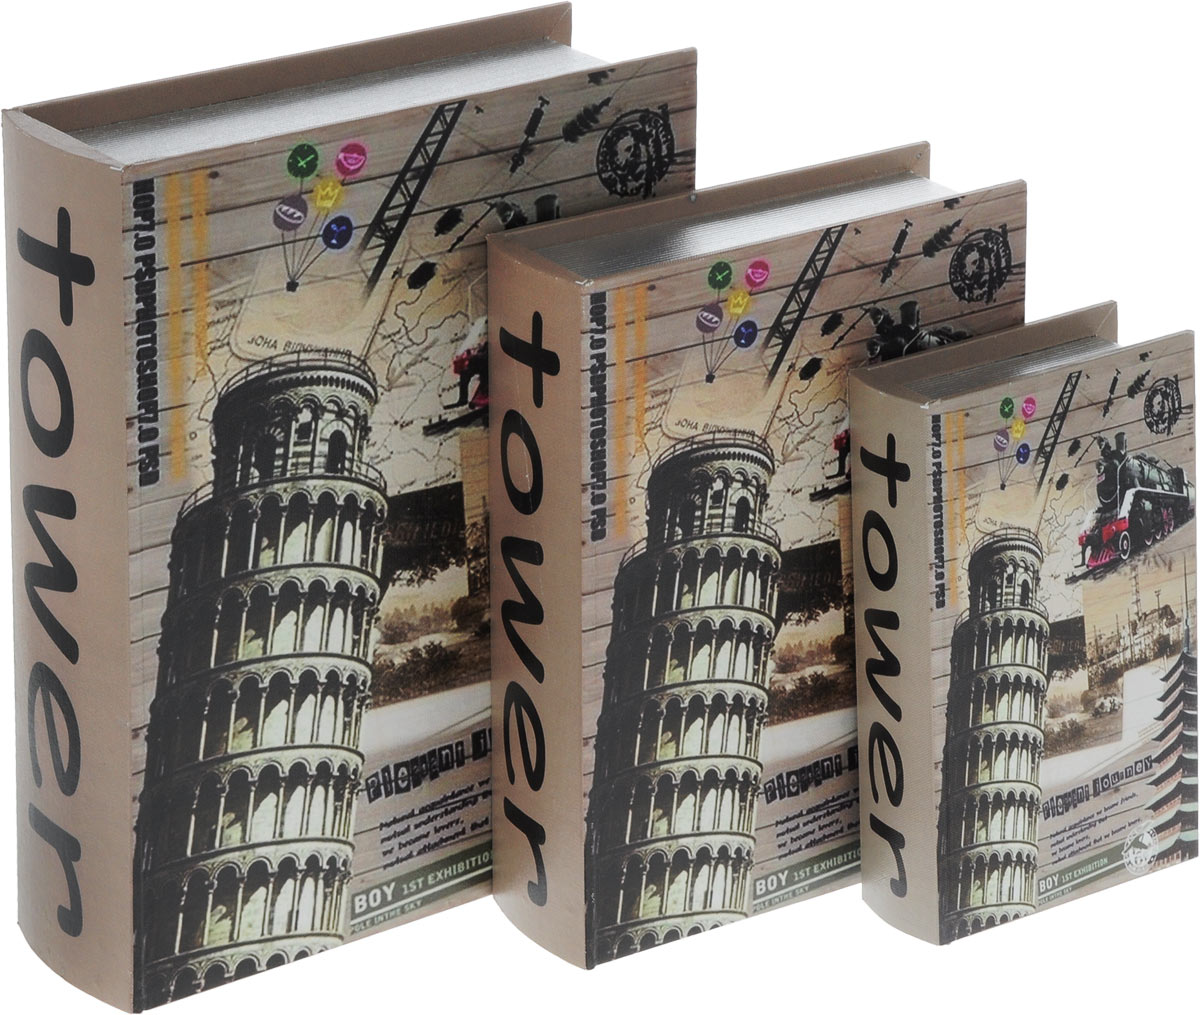 Набор шкатулок для рукоделия Bestex, 3 шт. ZW001252RG-D31SНабор Bestex состоит из трех шкатулок, стилизованных под книги. Шкатулки, изготовленные из МДФ, оформлены оригинальными изображениями. Внутри шкатулки обтянуты тканью. Закрываются шкатулки на магниты. Изящные шкатулки с ярким дизайном предназначены для хранения мелочей, принадлежностей для шитья и творчества и других аксессуаров. Такой набор красиво оформит интерьер комнаты и поможет хранить ваши вещи в порядке, а также станет отличным подарком. Размер маленькой шкатулки: 13 х 22,5 х 5 см.Размер средней шкатулки: 20 х 28,5 х 6,8 см.Размер большой шкатулки: 26 х 34 х 8,8 см.